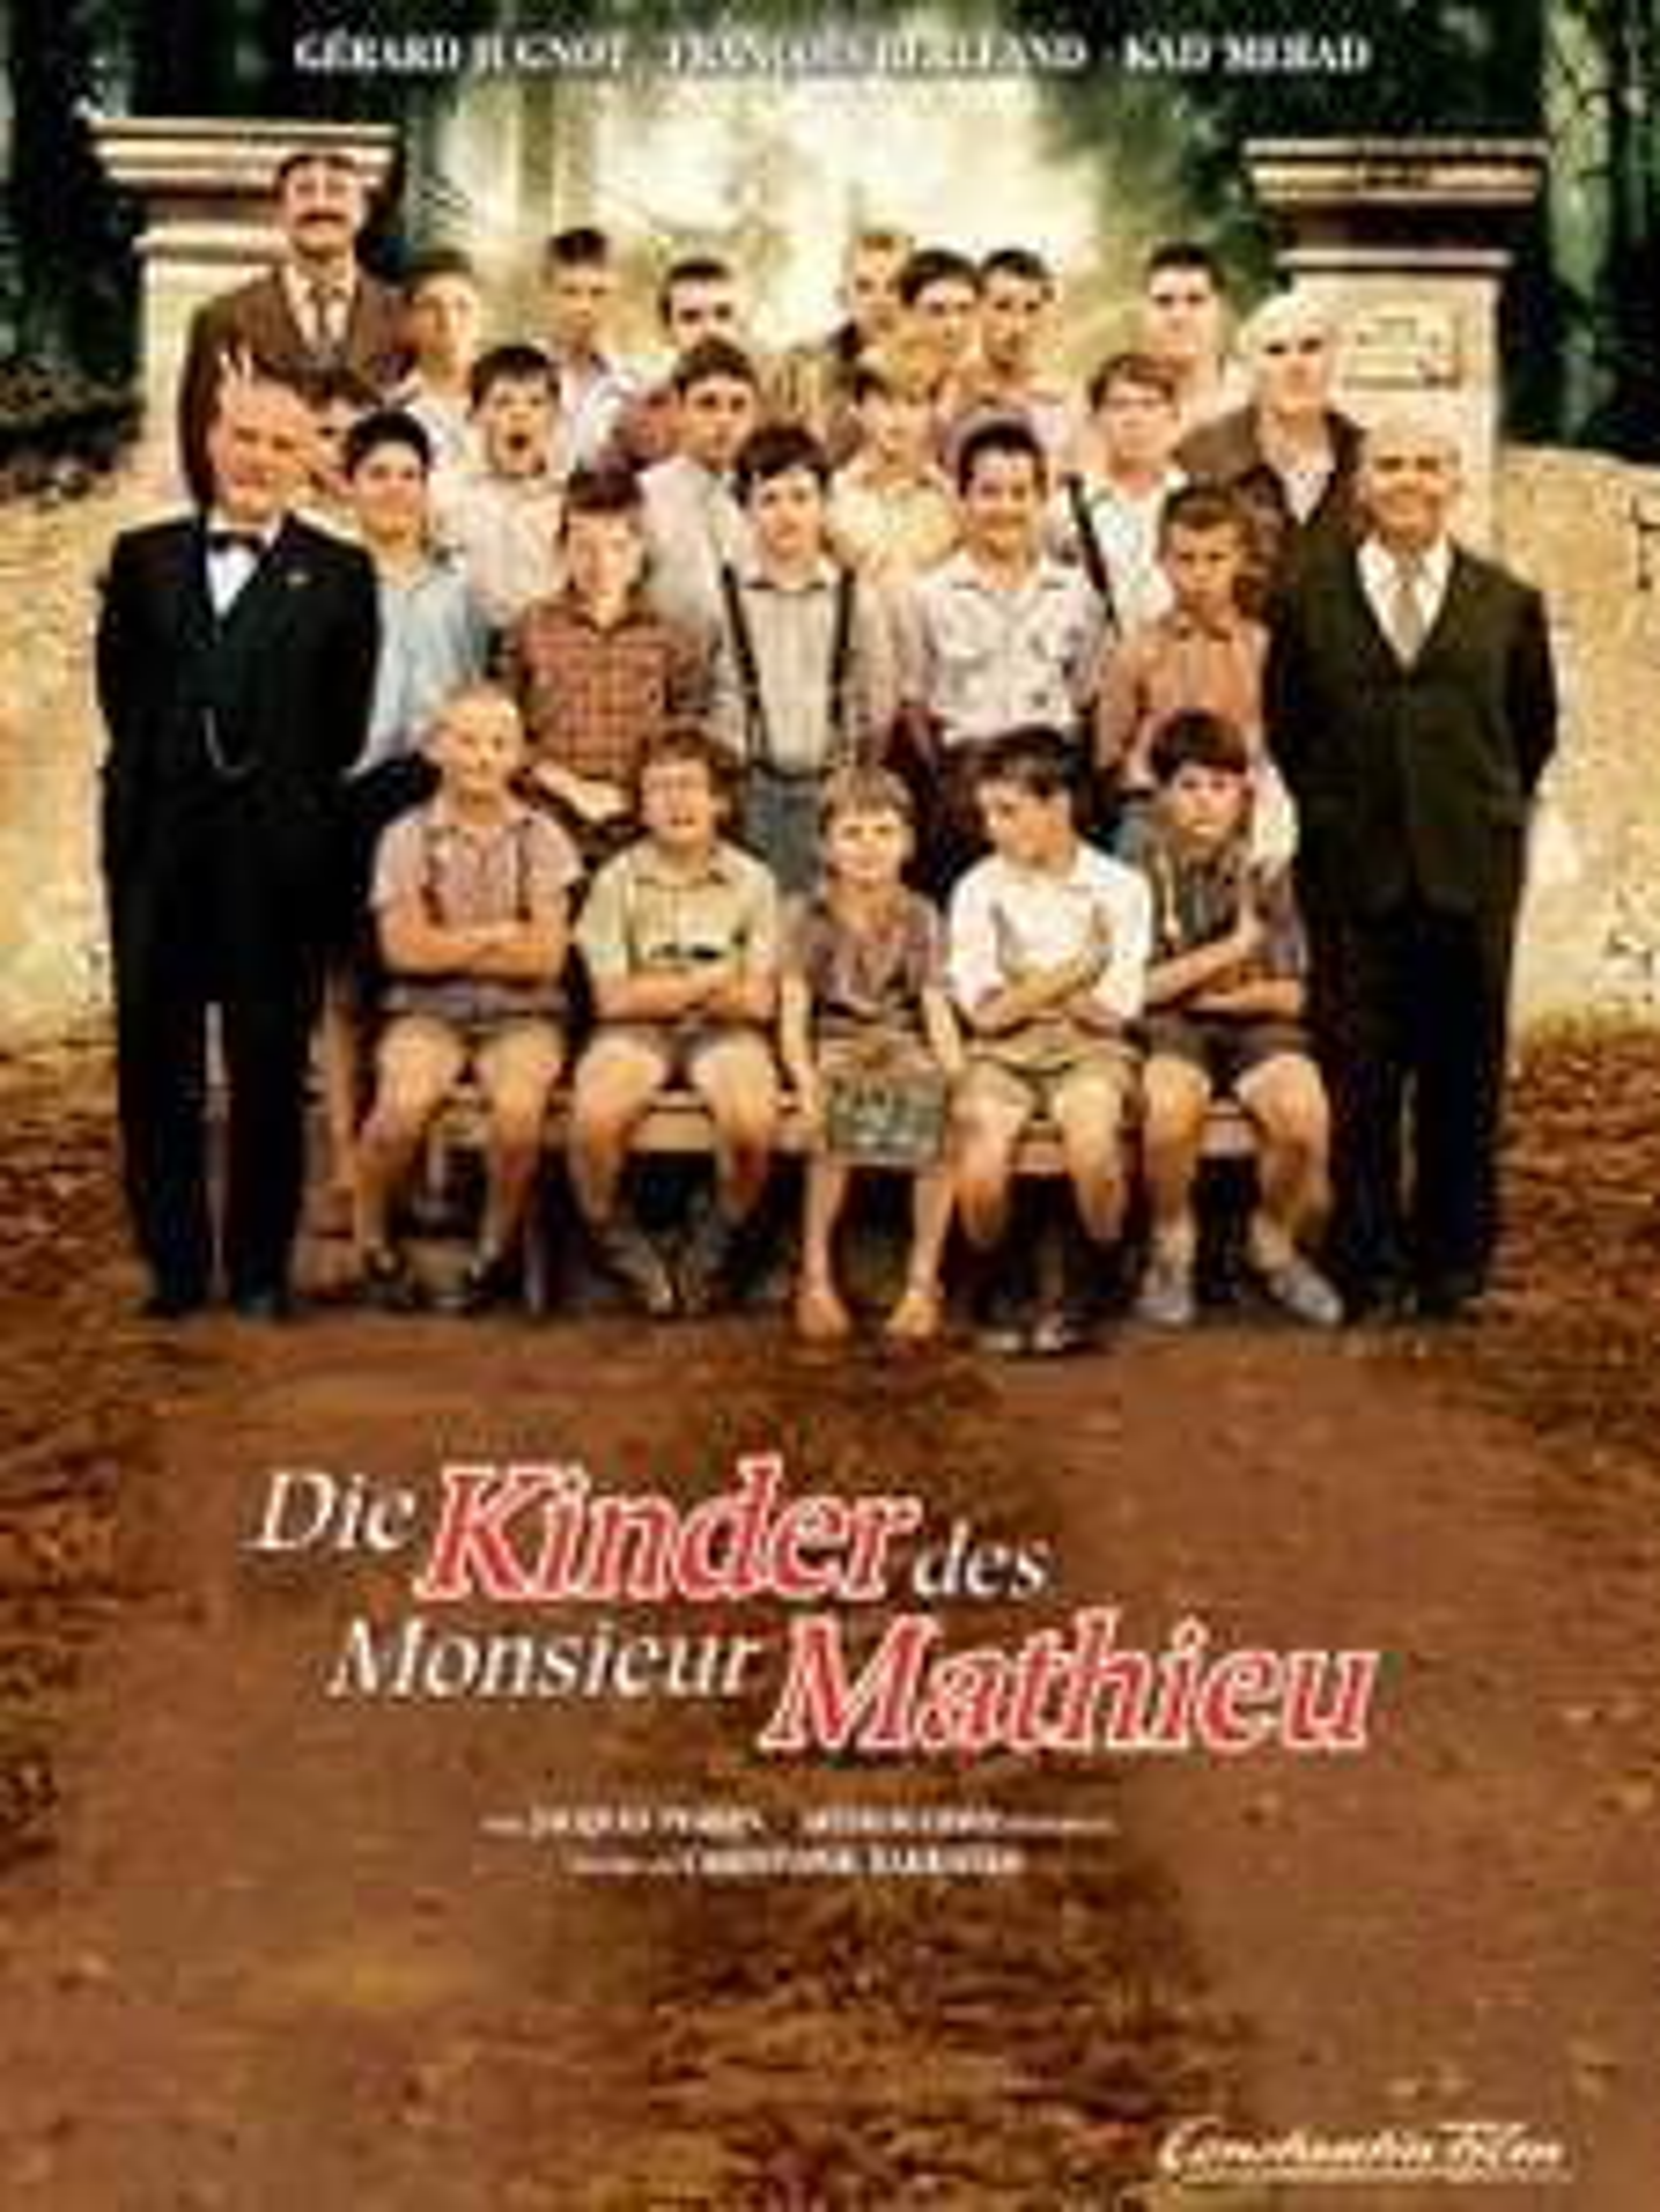 «Die Kinder des Monsieur Mathieu» kostenlos im Stream oder zum Download (SRF-Mediathek)